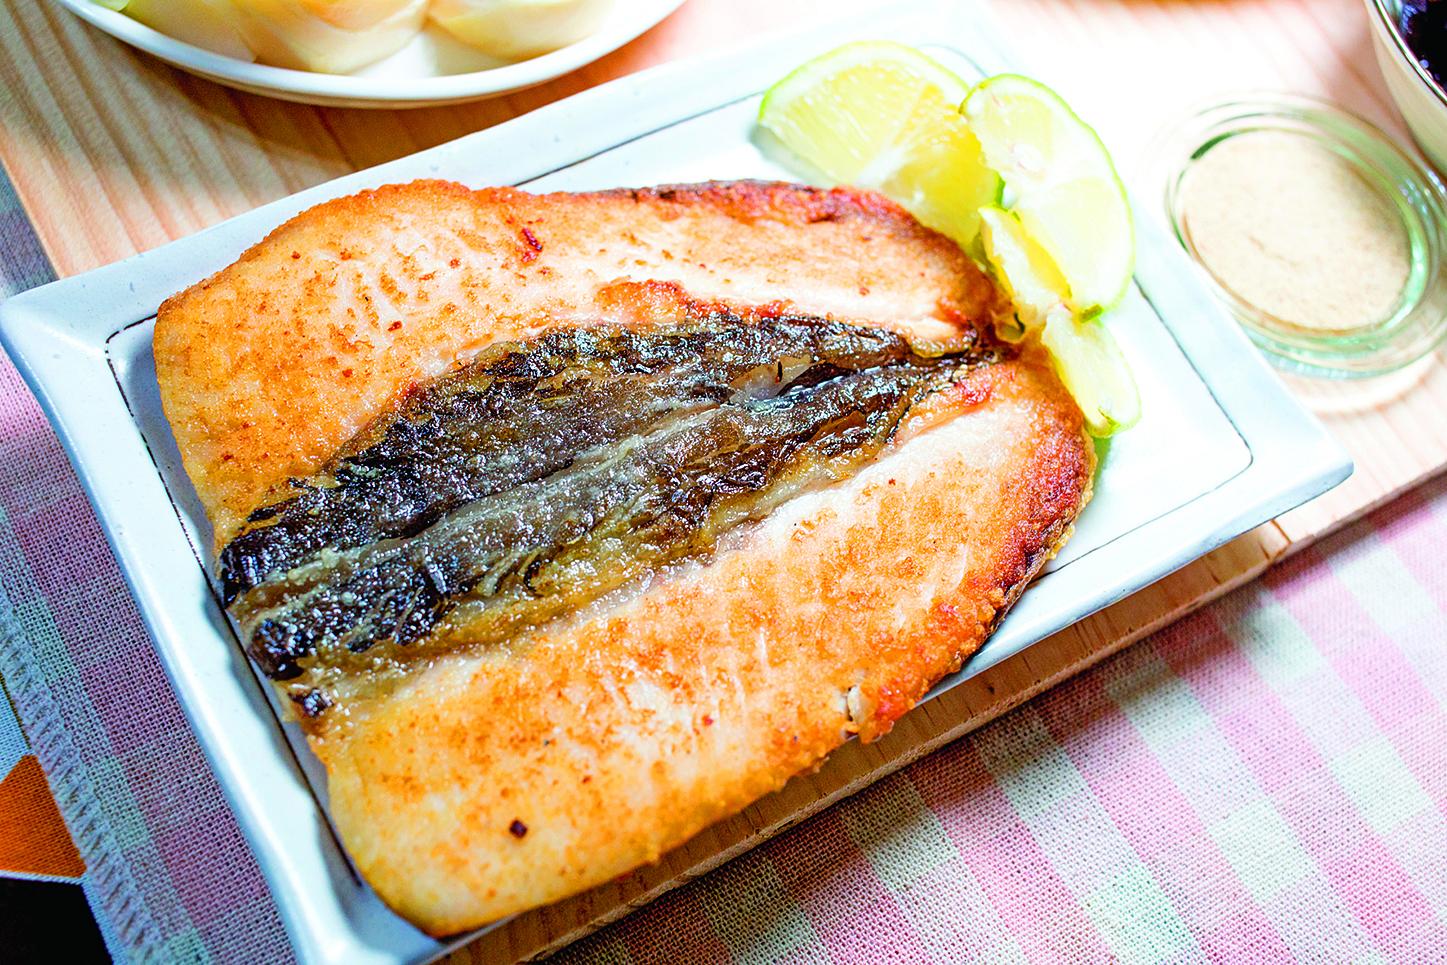 美味的乾煎虱目魚是筆者的最愛,但這種魚實在太難煎讓筆者敬謝不敏。